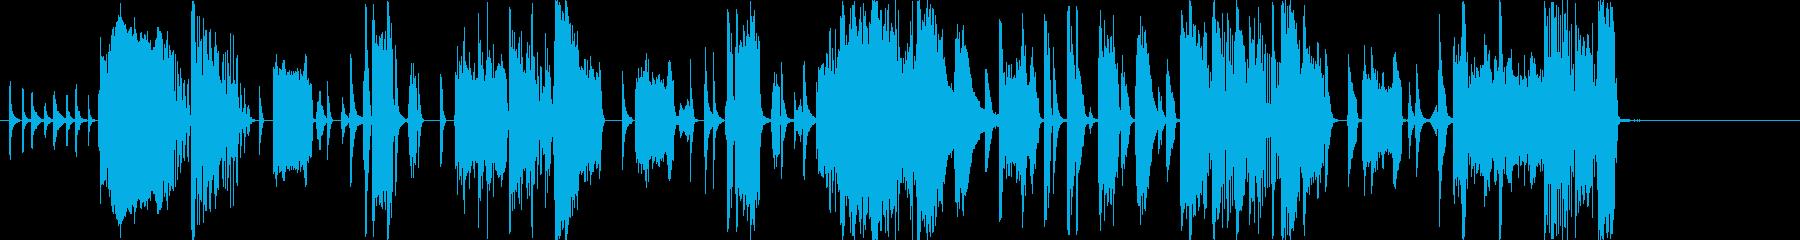 ファンクファンファーレの再生済みの波形